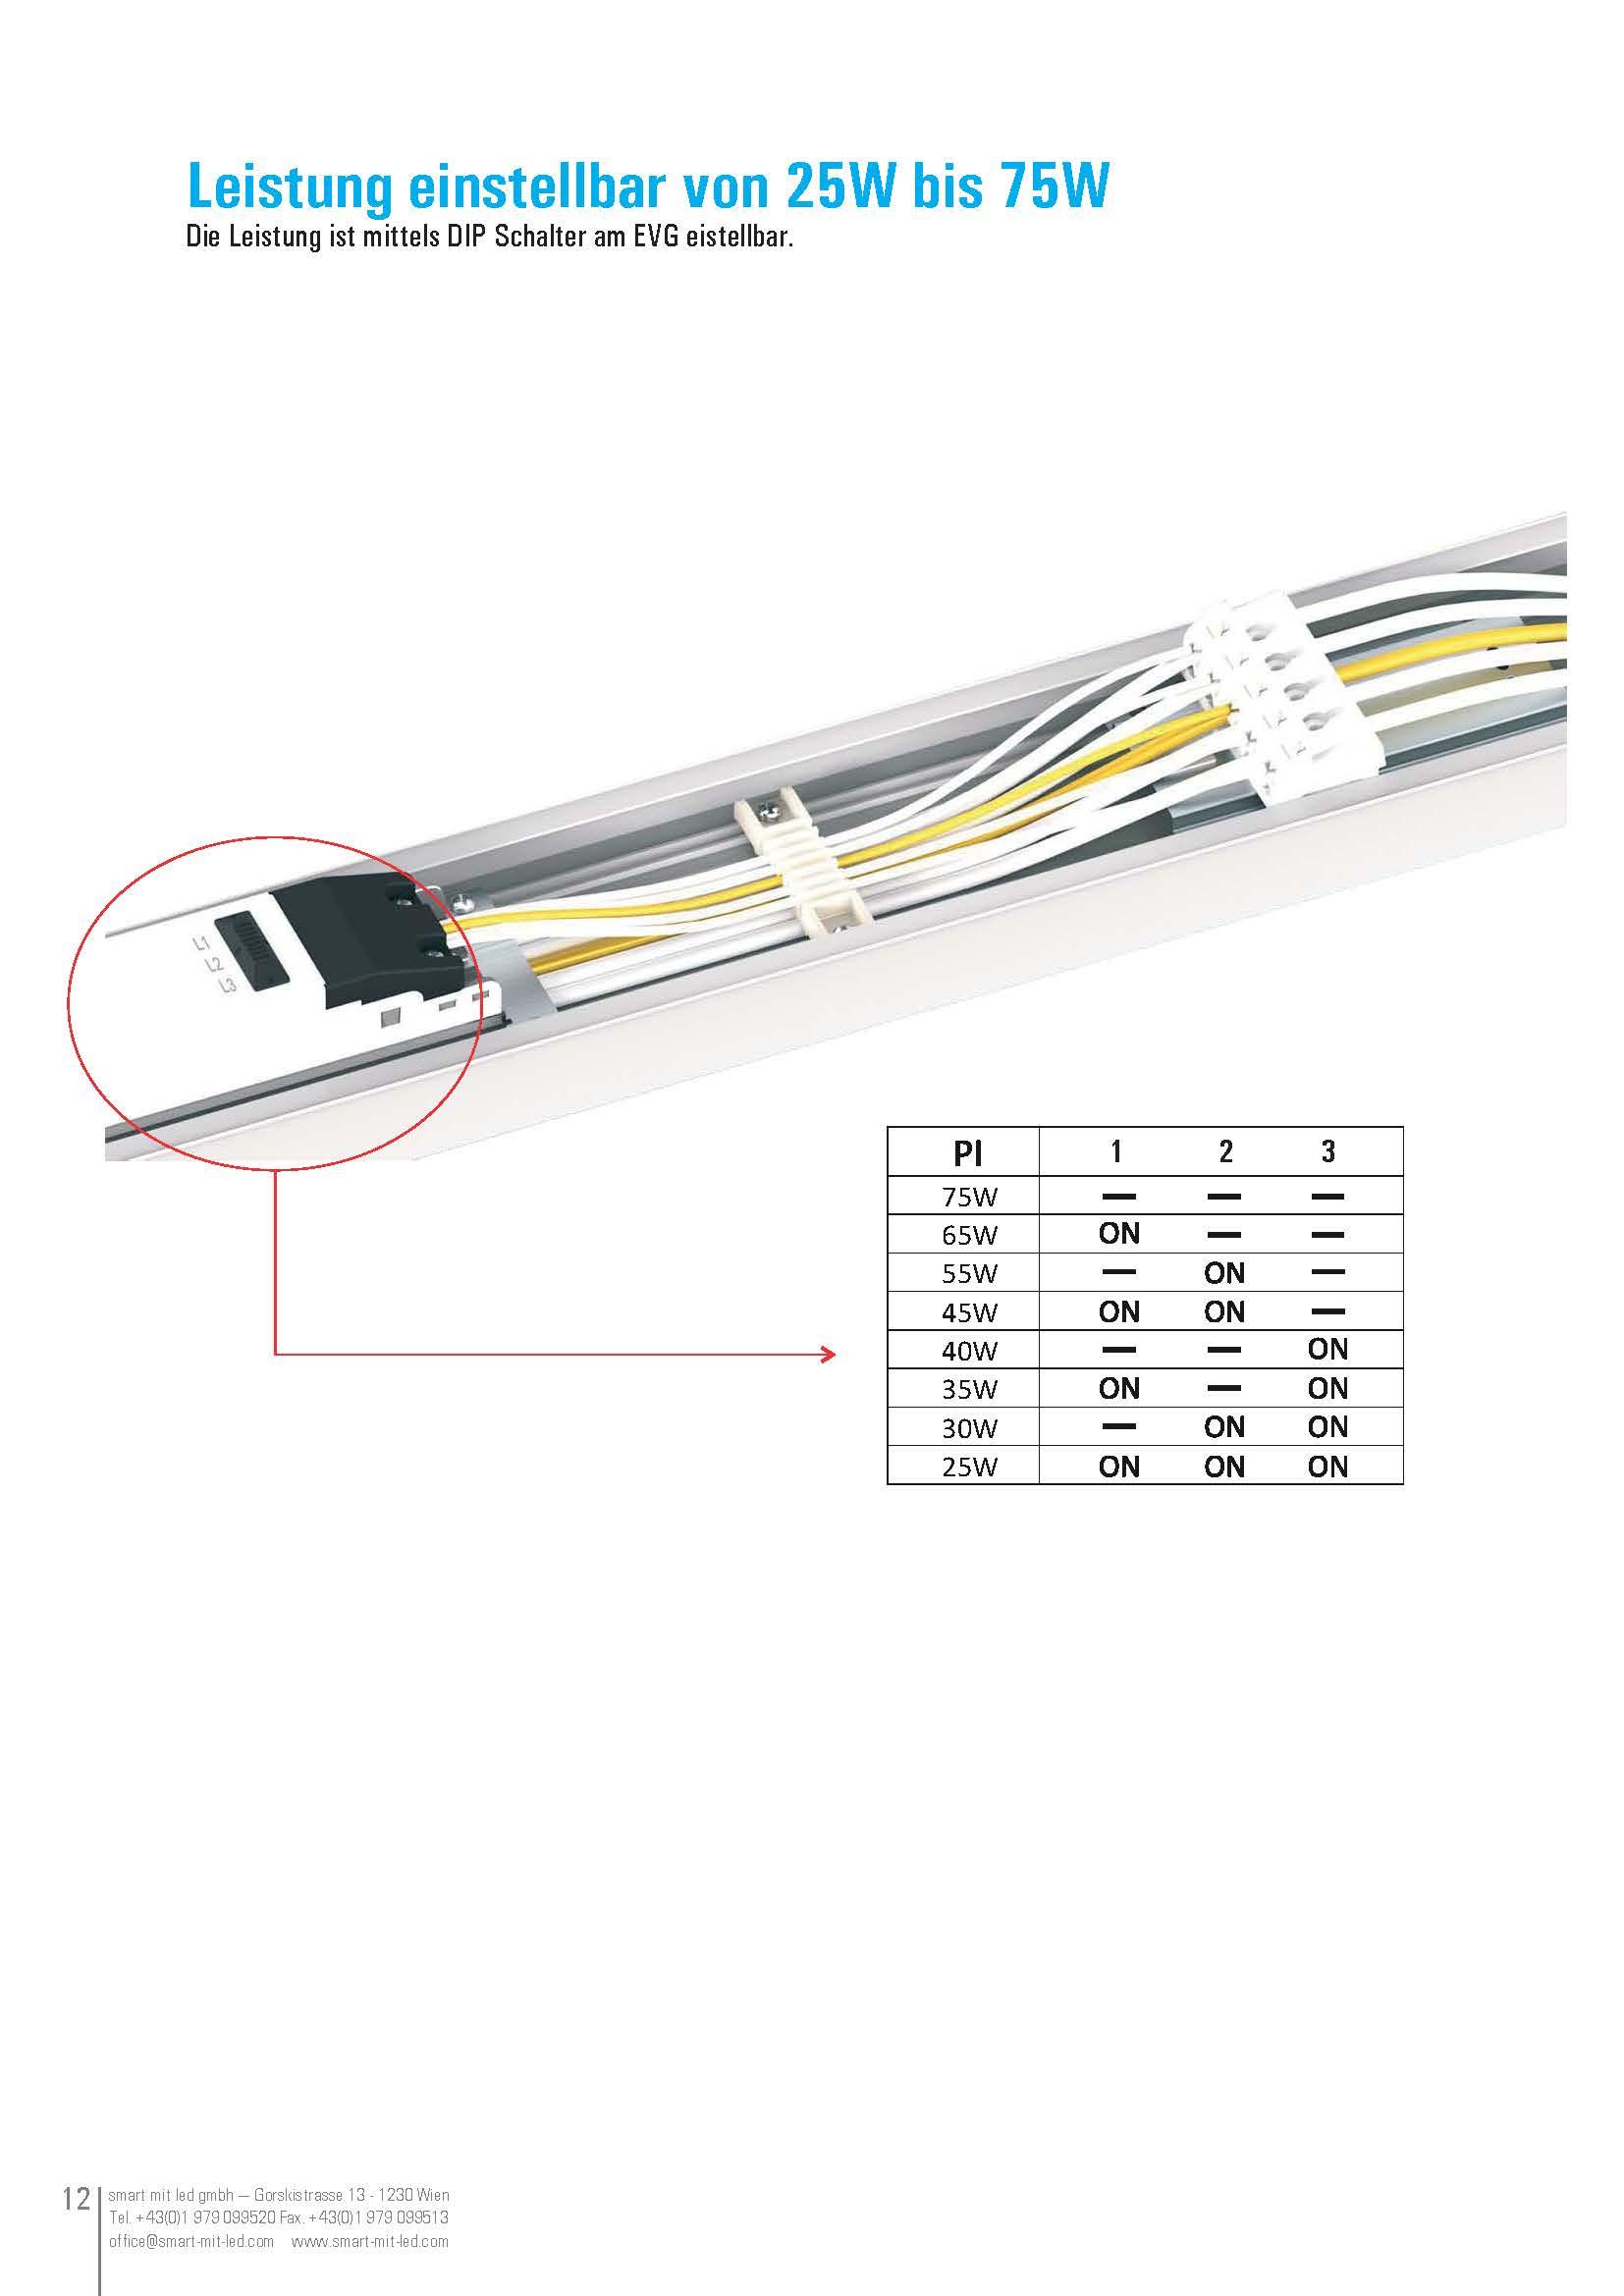 Leistung einstellbar von 25W bis 75W Die Leistung ist mittels DIP Schalter am EVG eistellbar.